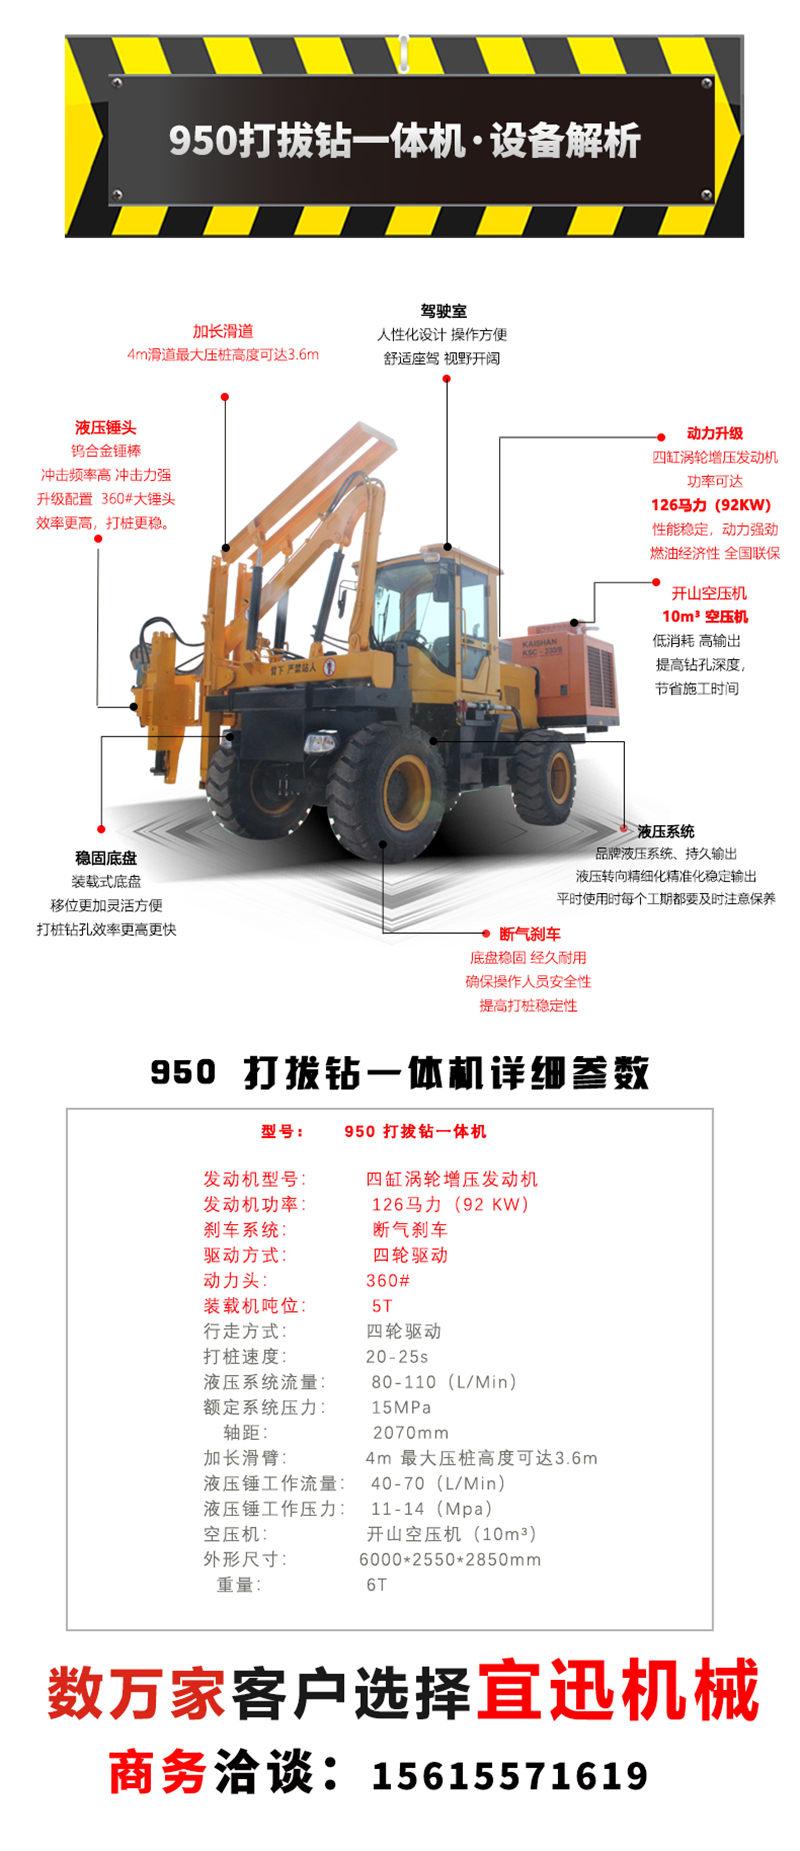 【多图】宜迅YX-950(10m³空压机)打拔钻一体机定制化+参数细节图_高清图